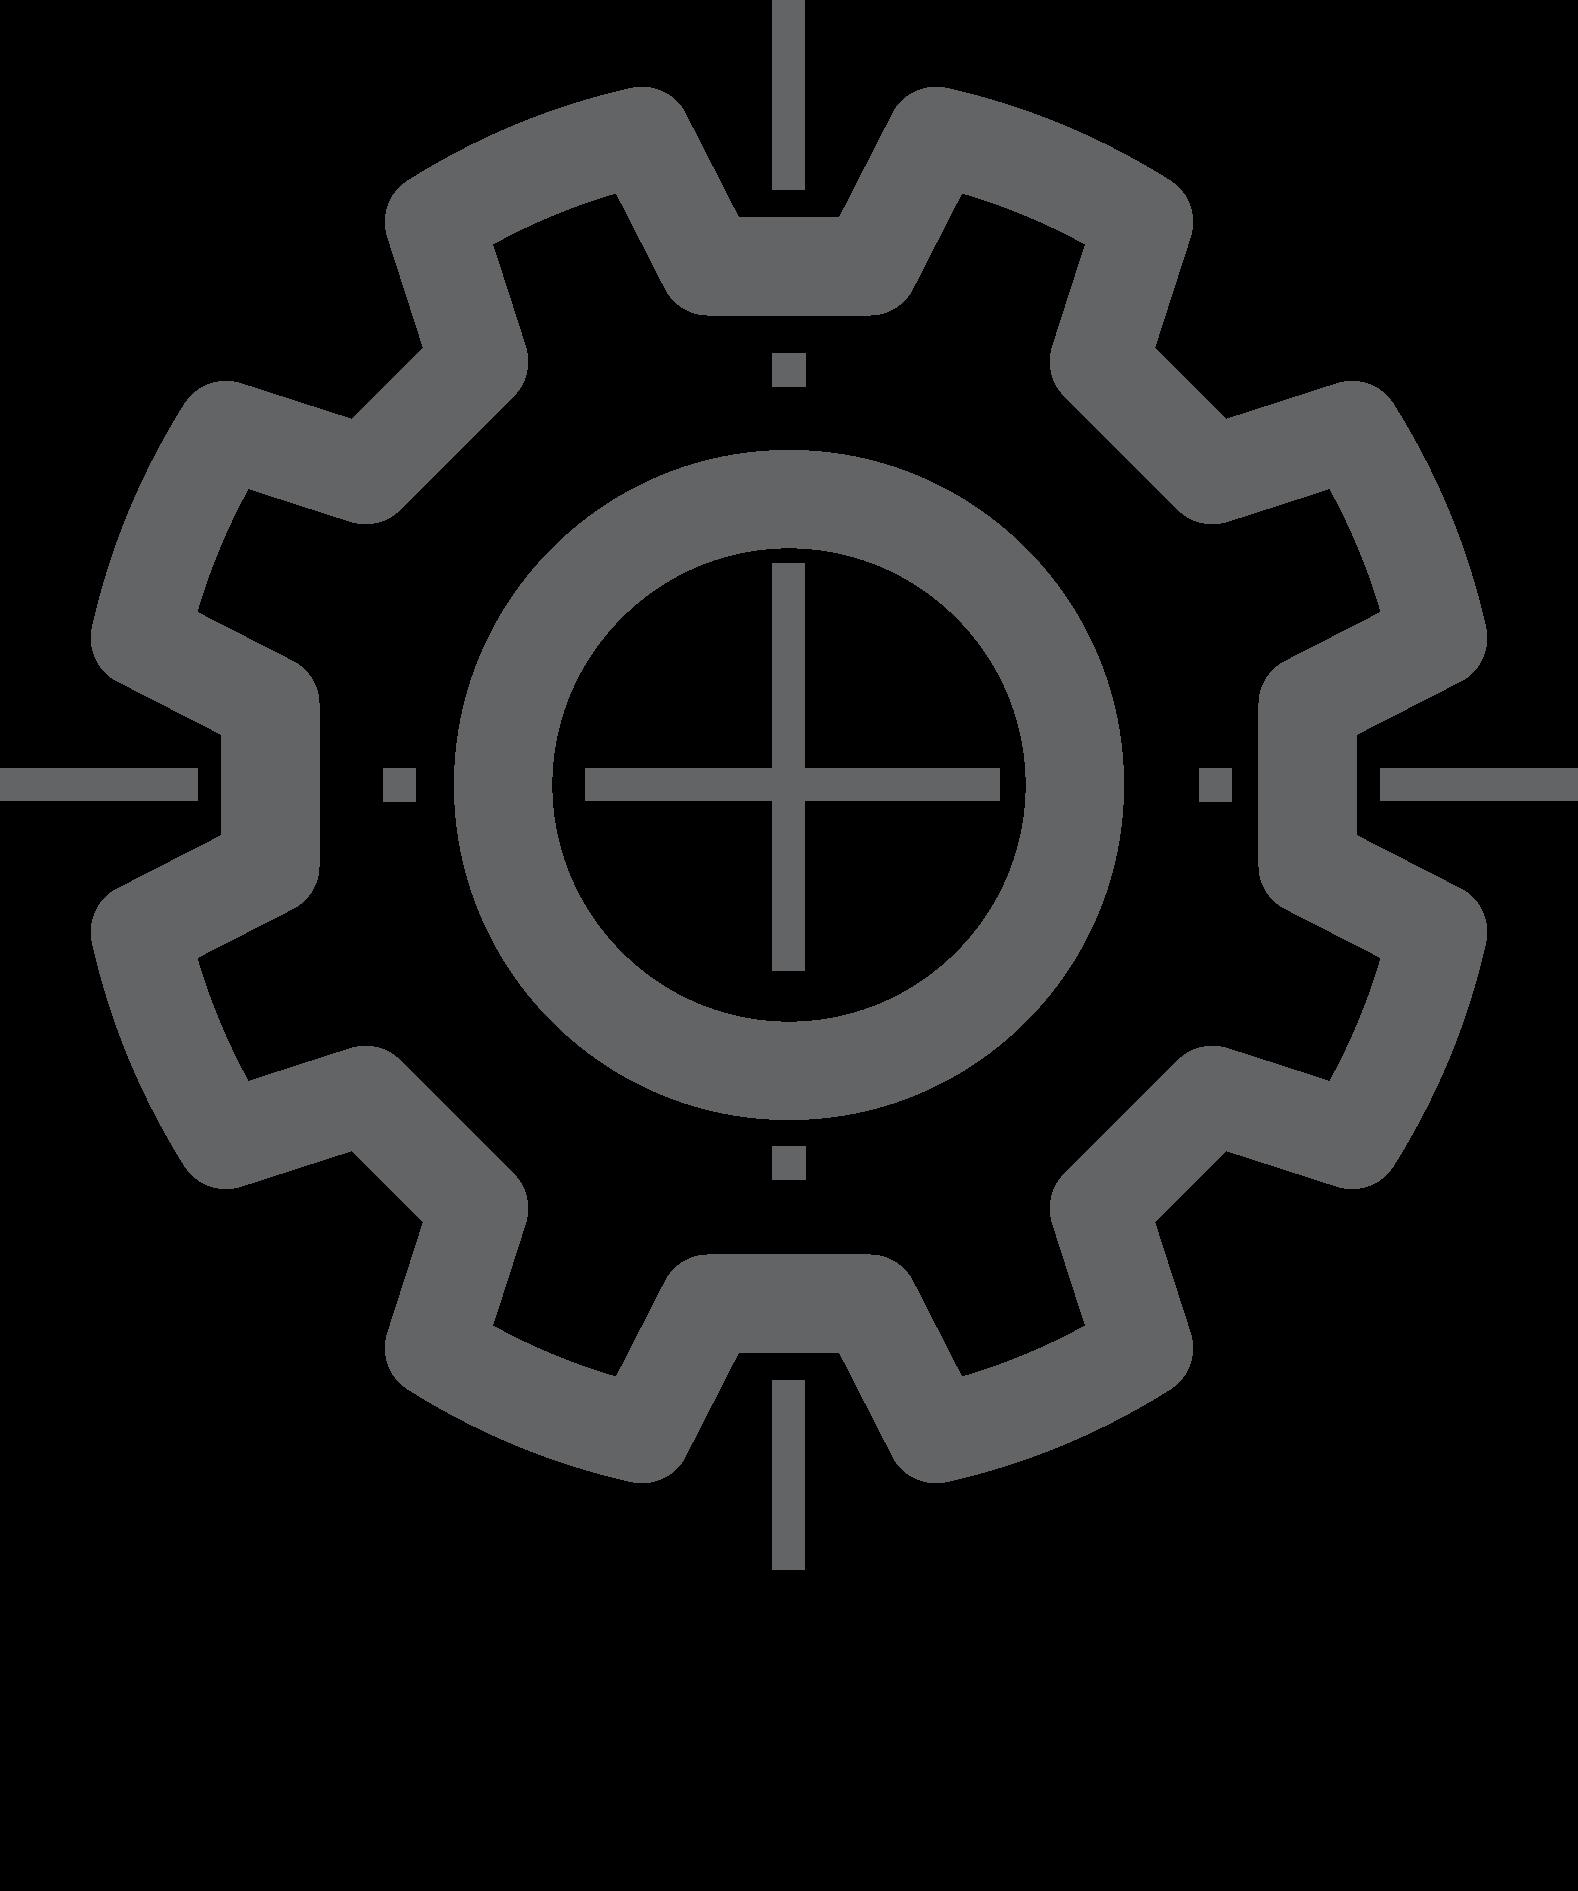 MULPIv4.0, PHYv4.0, SECv4.0, CM-OSSIv4.0, CCAP-OSSIv4.0